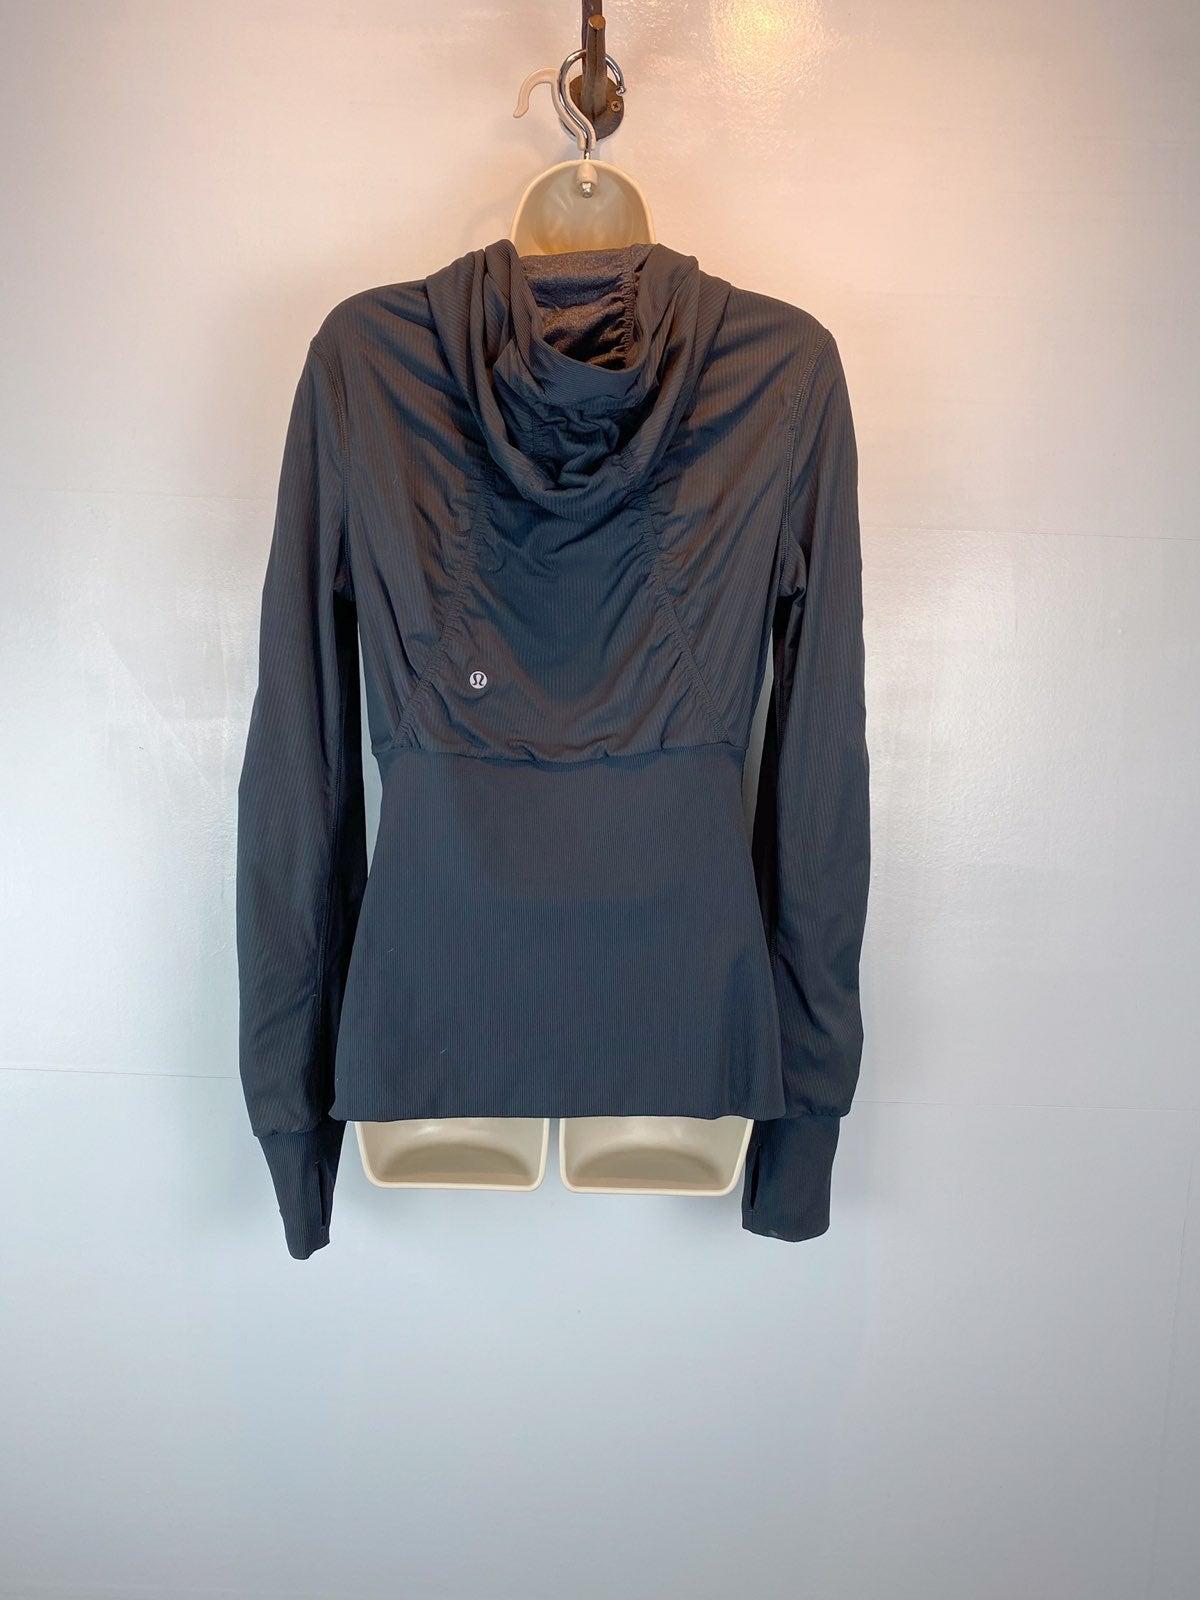 Lululemon cool down hoodie sz 8